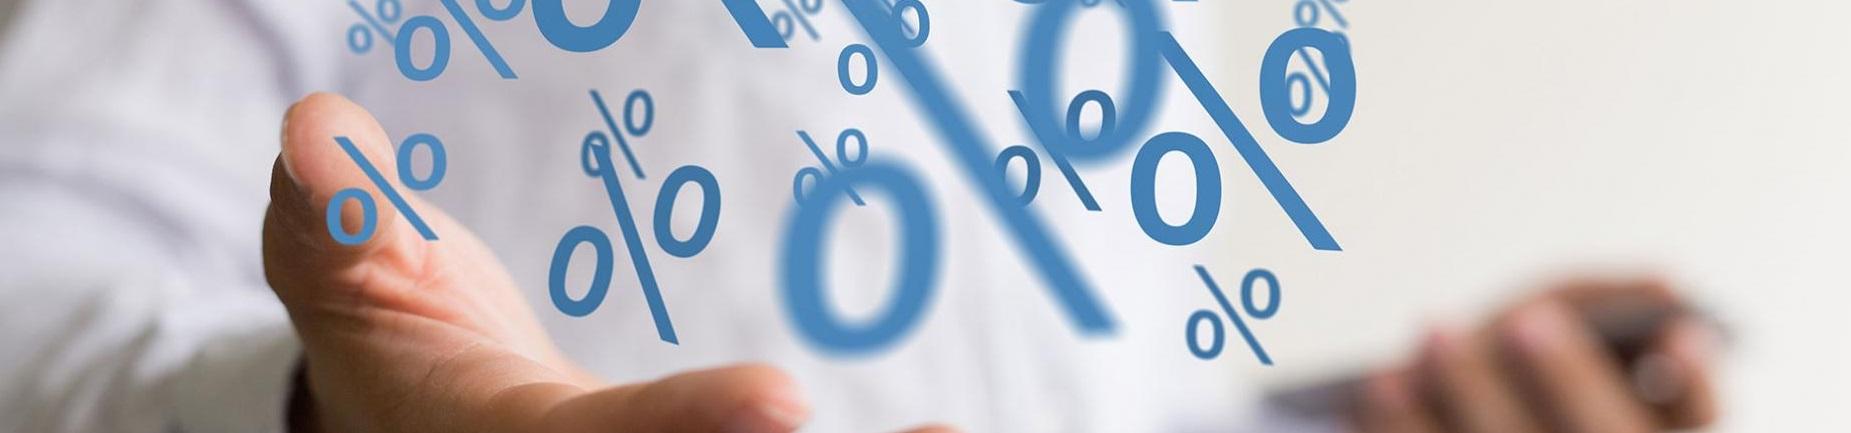 Codes de réduction : une véritable stratégie marketing